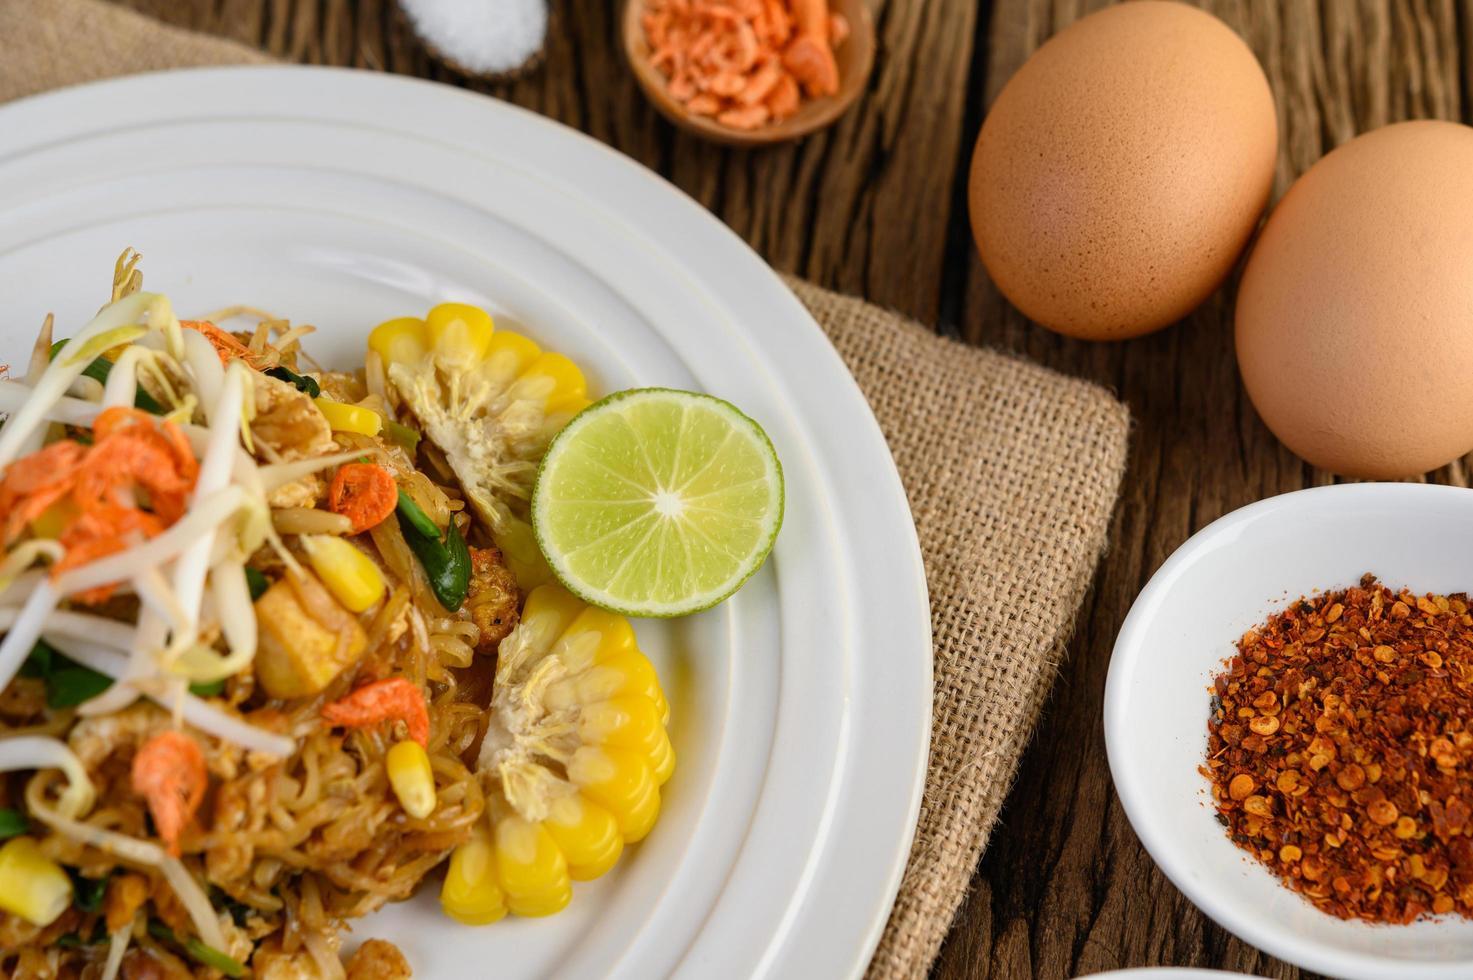 Pad thai con limón, huevos y condimentos sobre una mesa de madera foto